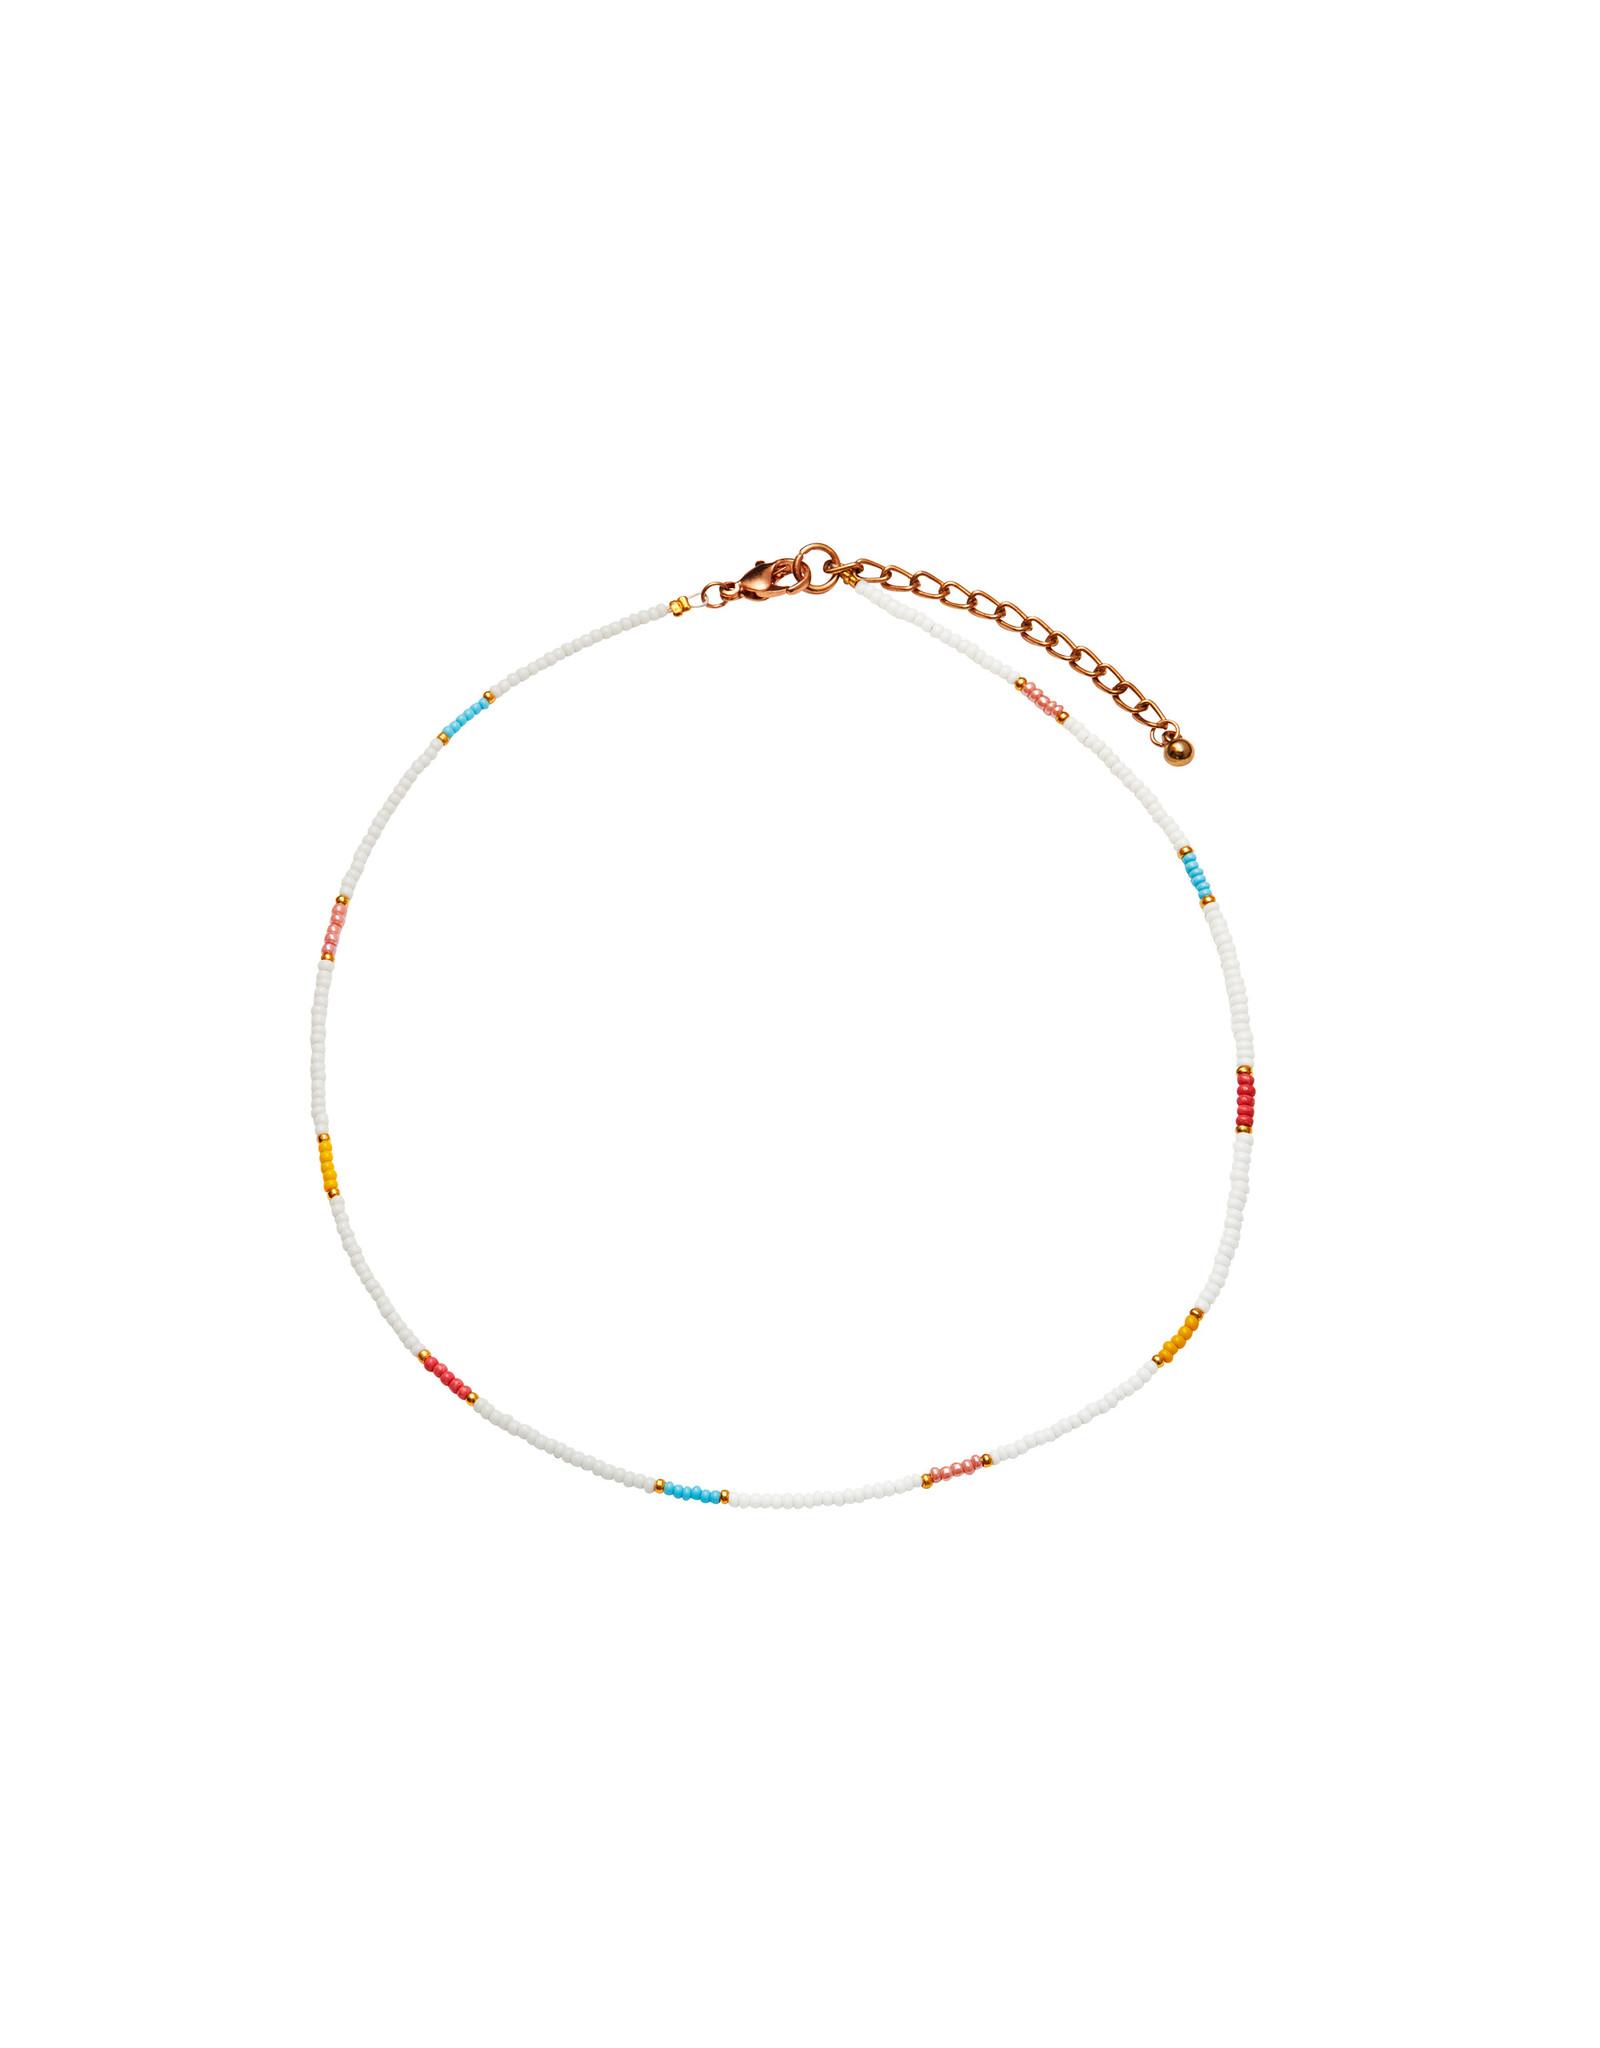 Bulu Bulu Happy Beads Necklace wit/geel